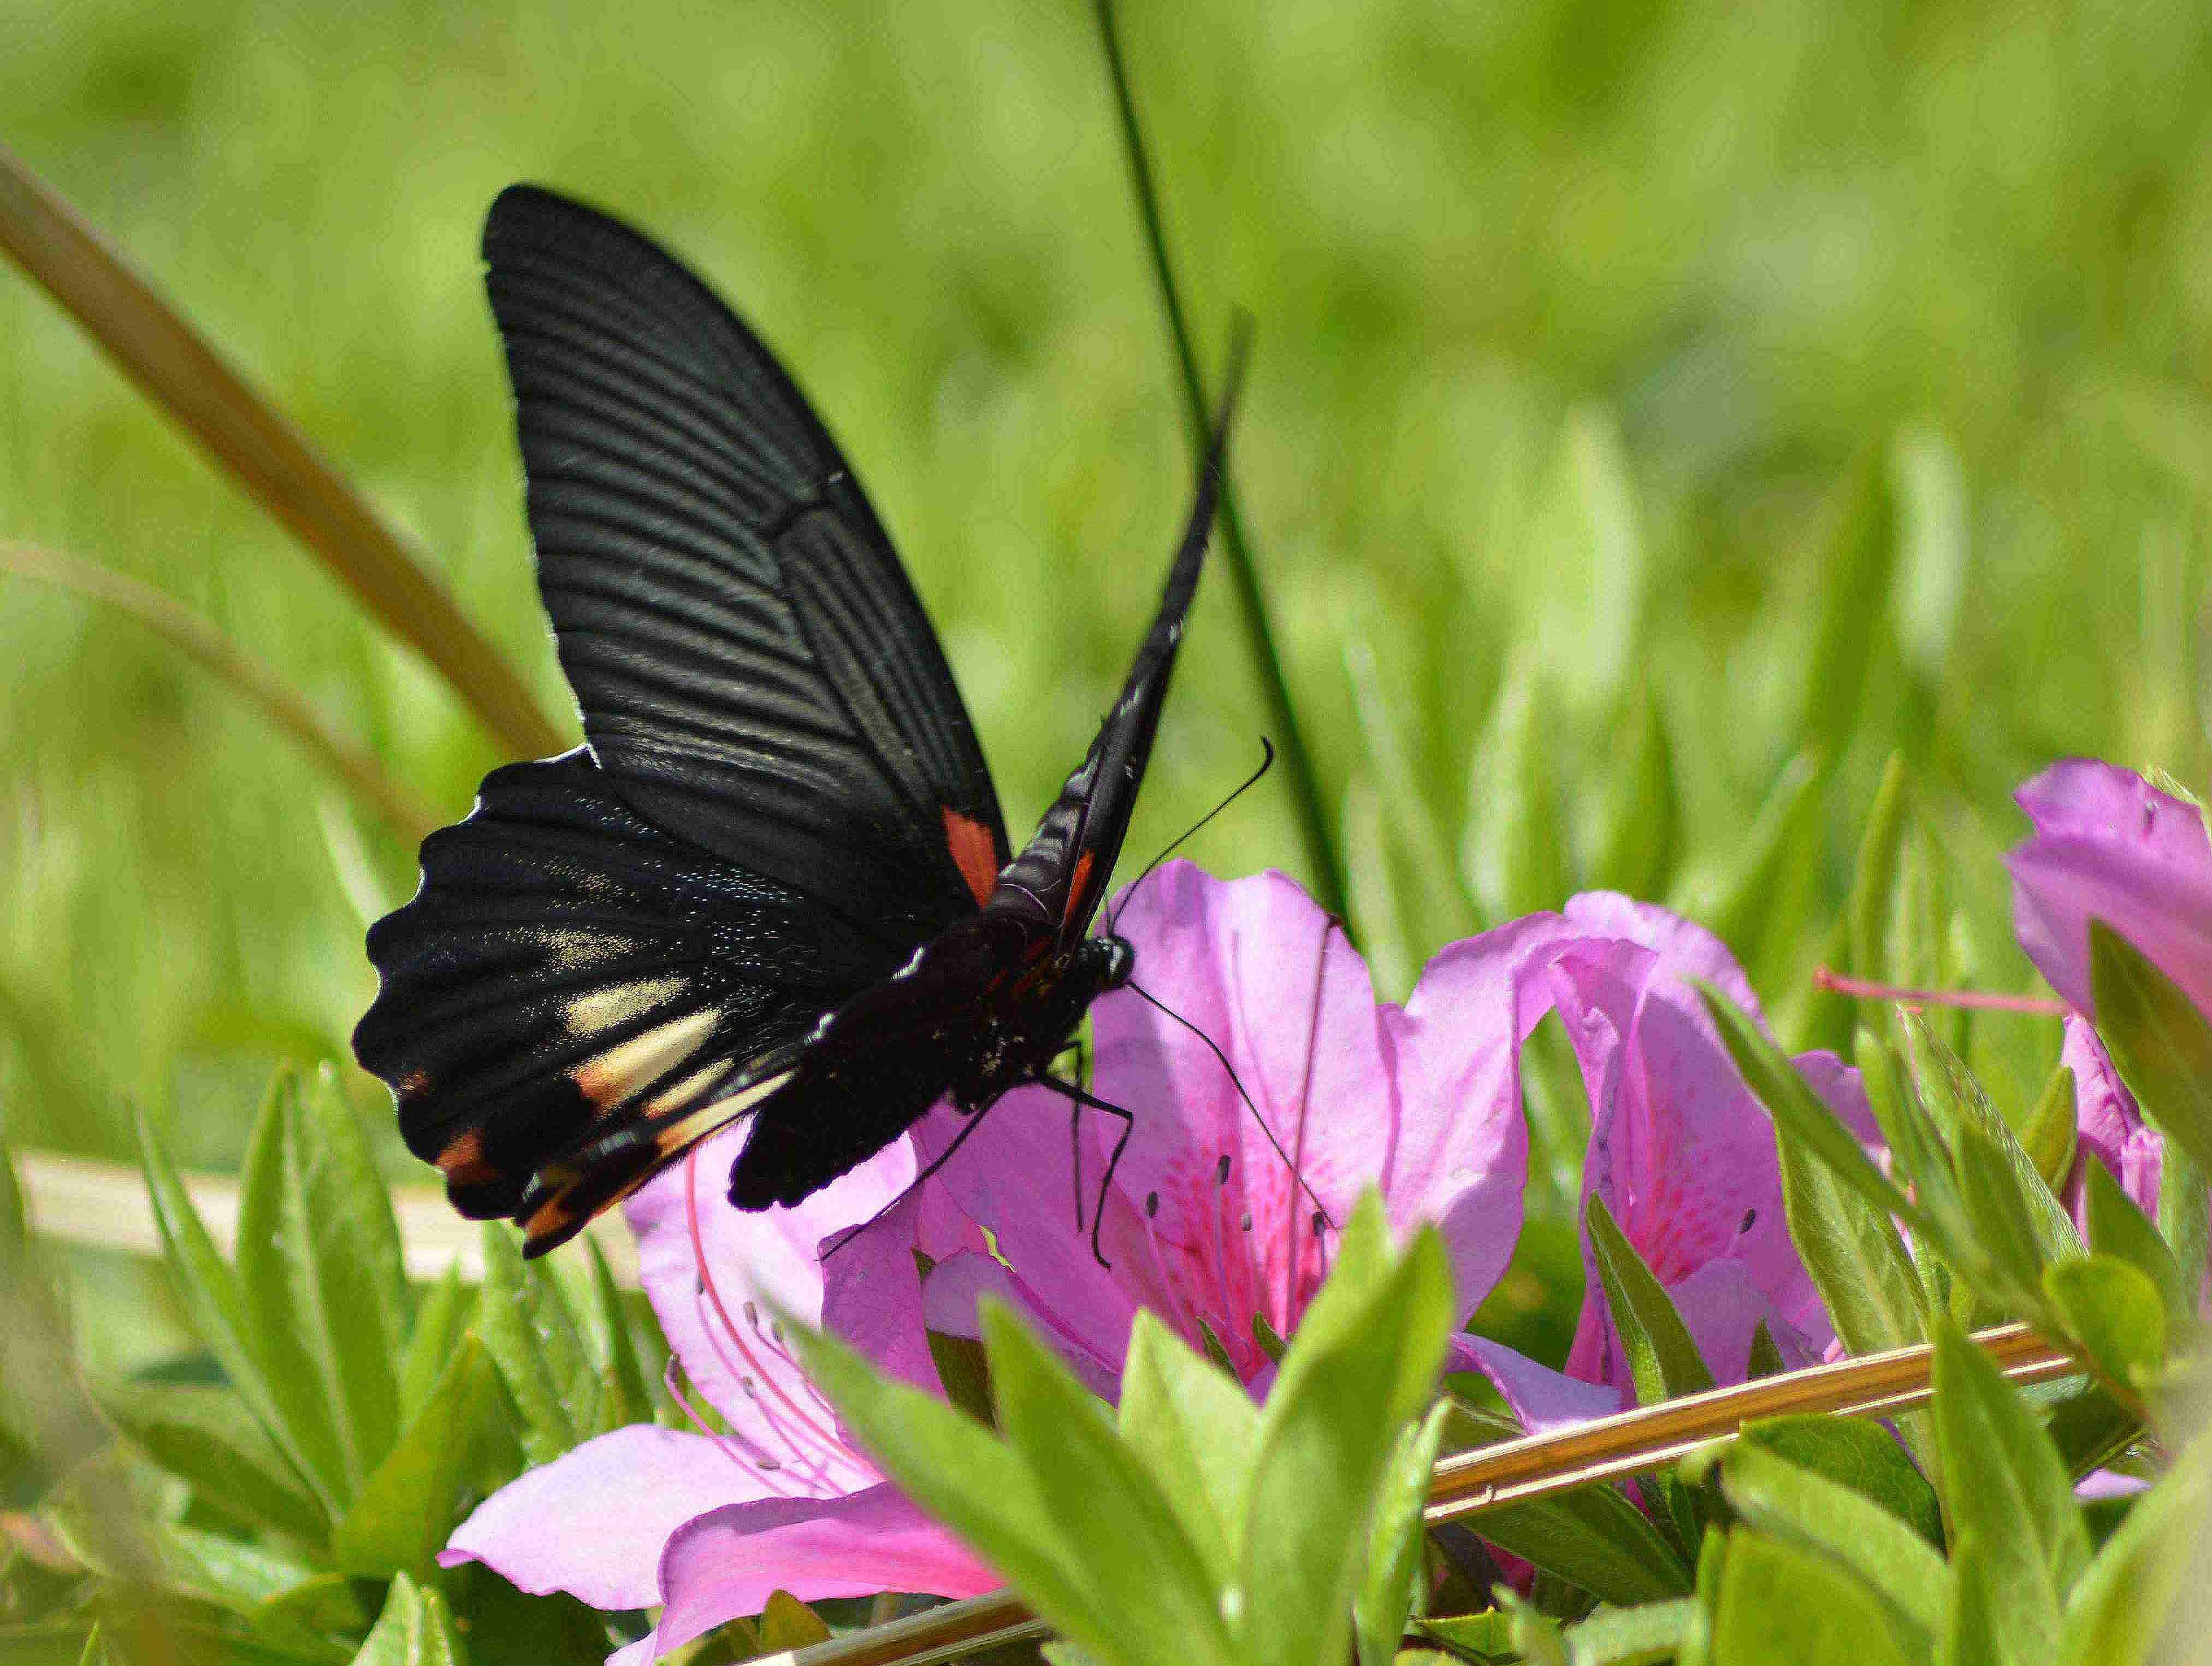 ナガサキアゲハ 超巨大な蝶です_d0254540_1364261.jpg